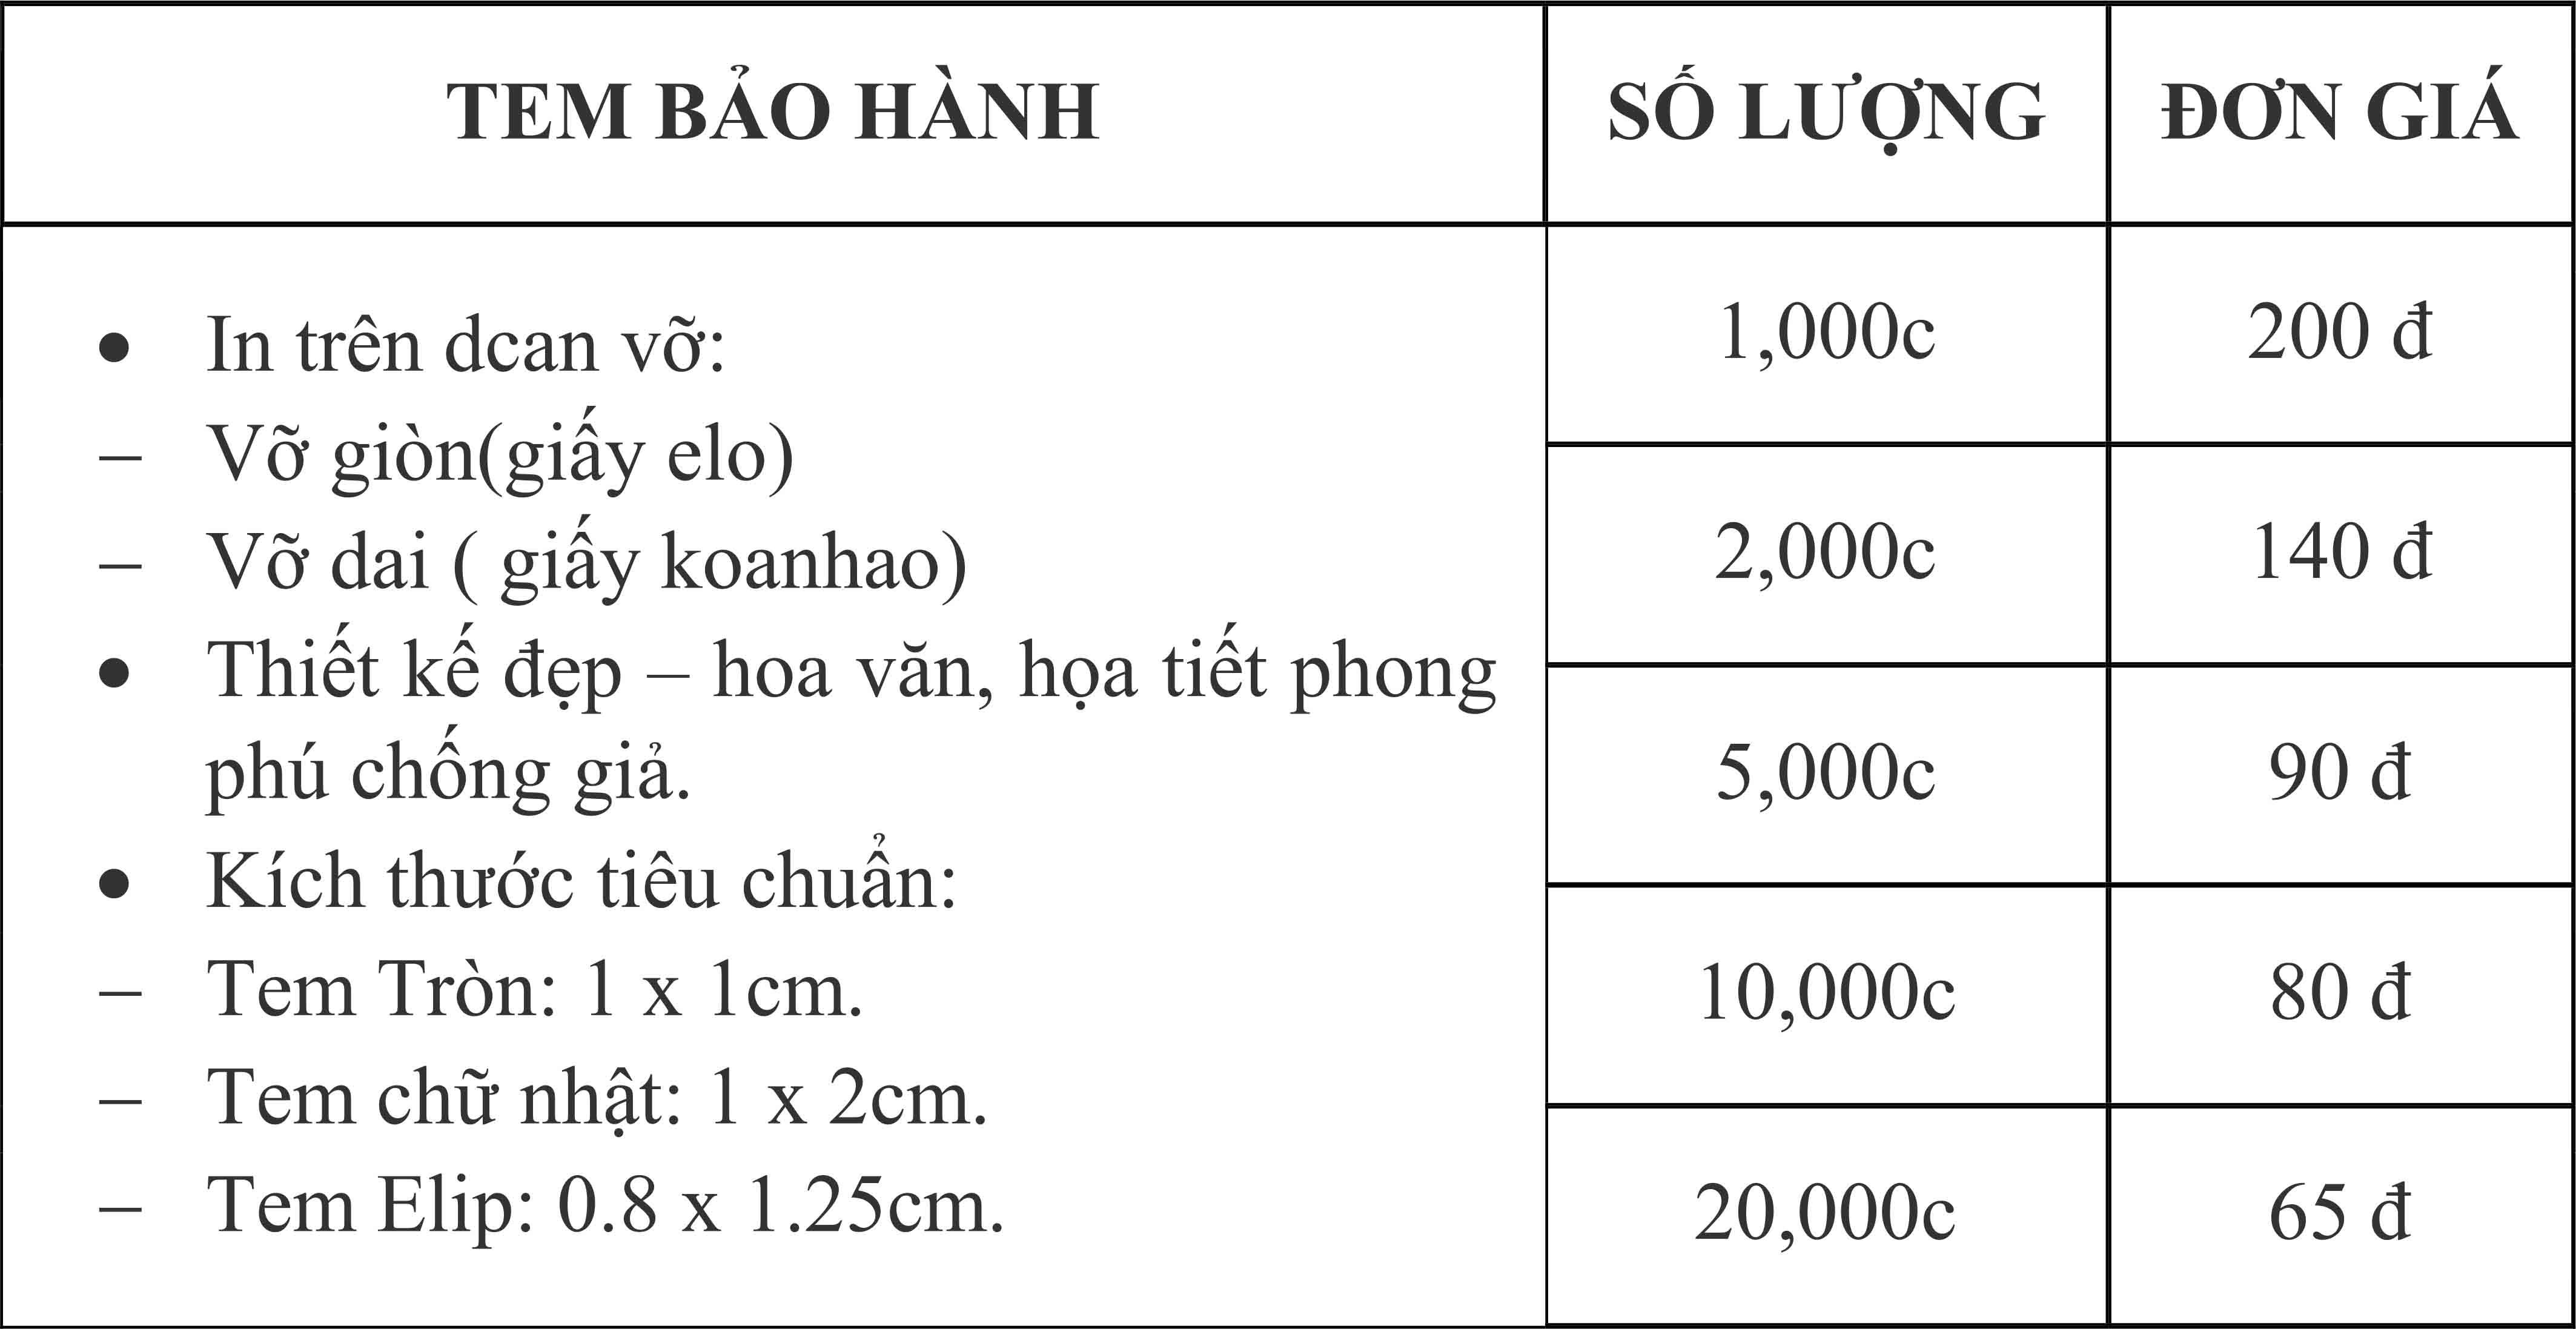 bang bao gia in tem bao hanh_01